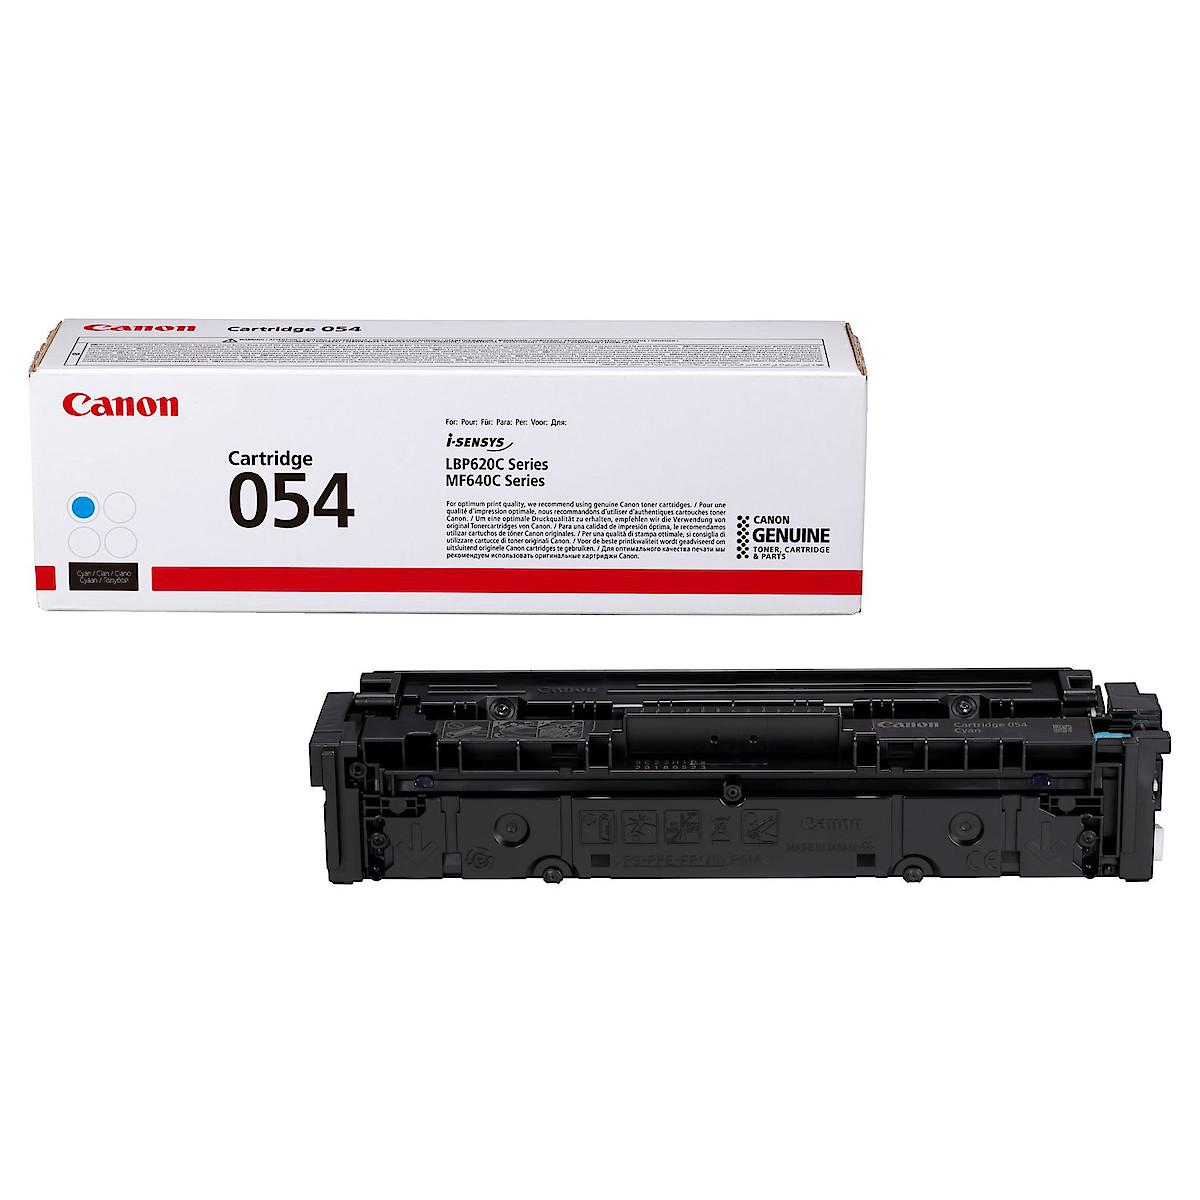 Canon 054 Toner